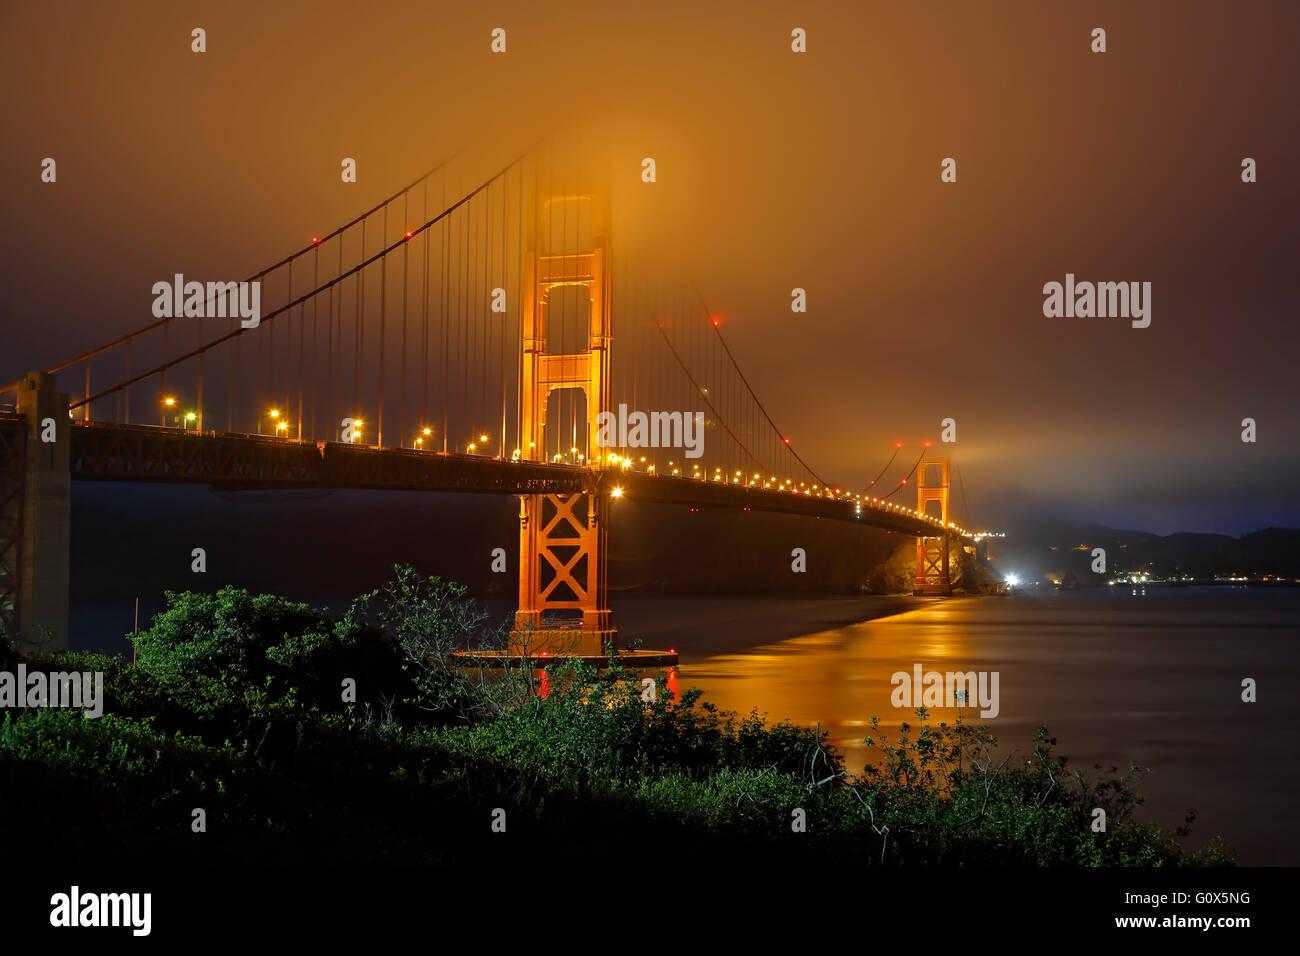 Puente Golden Gate bajo la niebla, San Francisco, California, EE.UU. Imagen De Stock